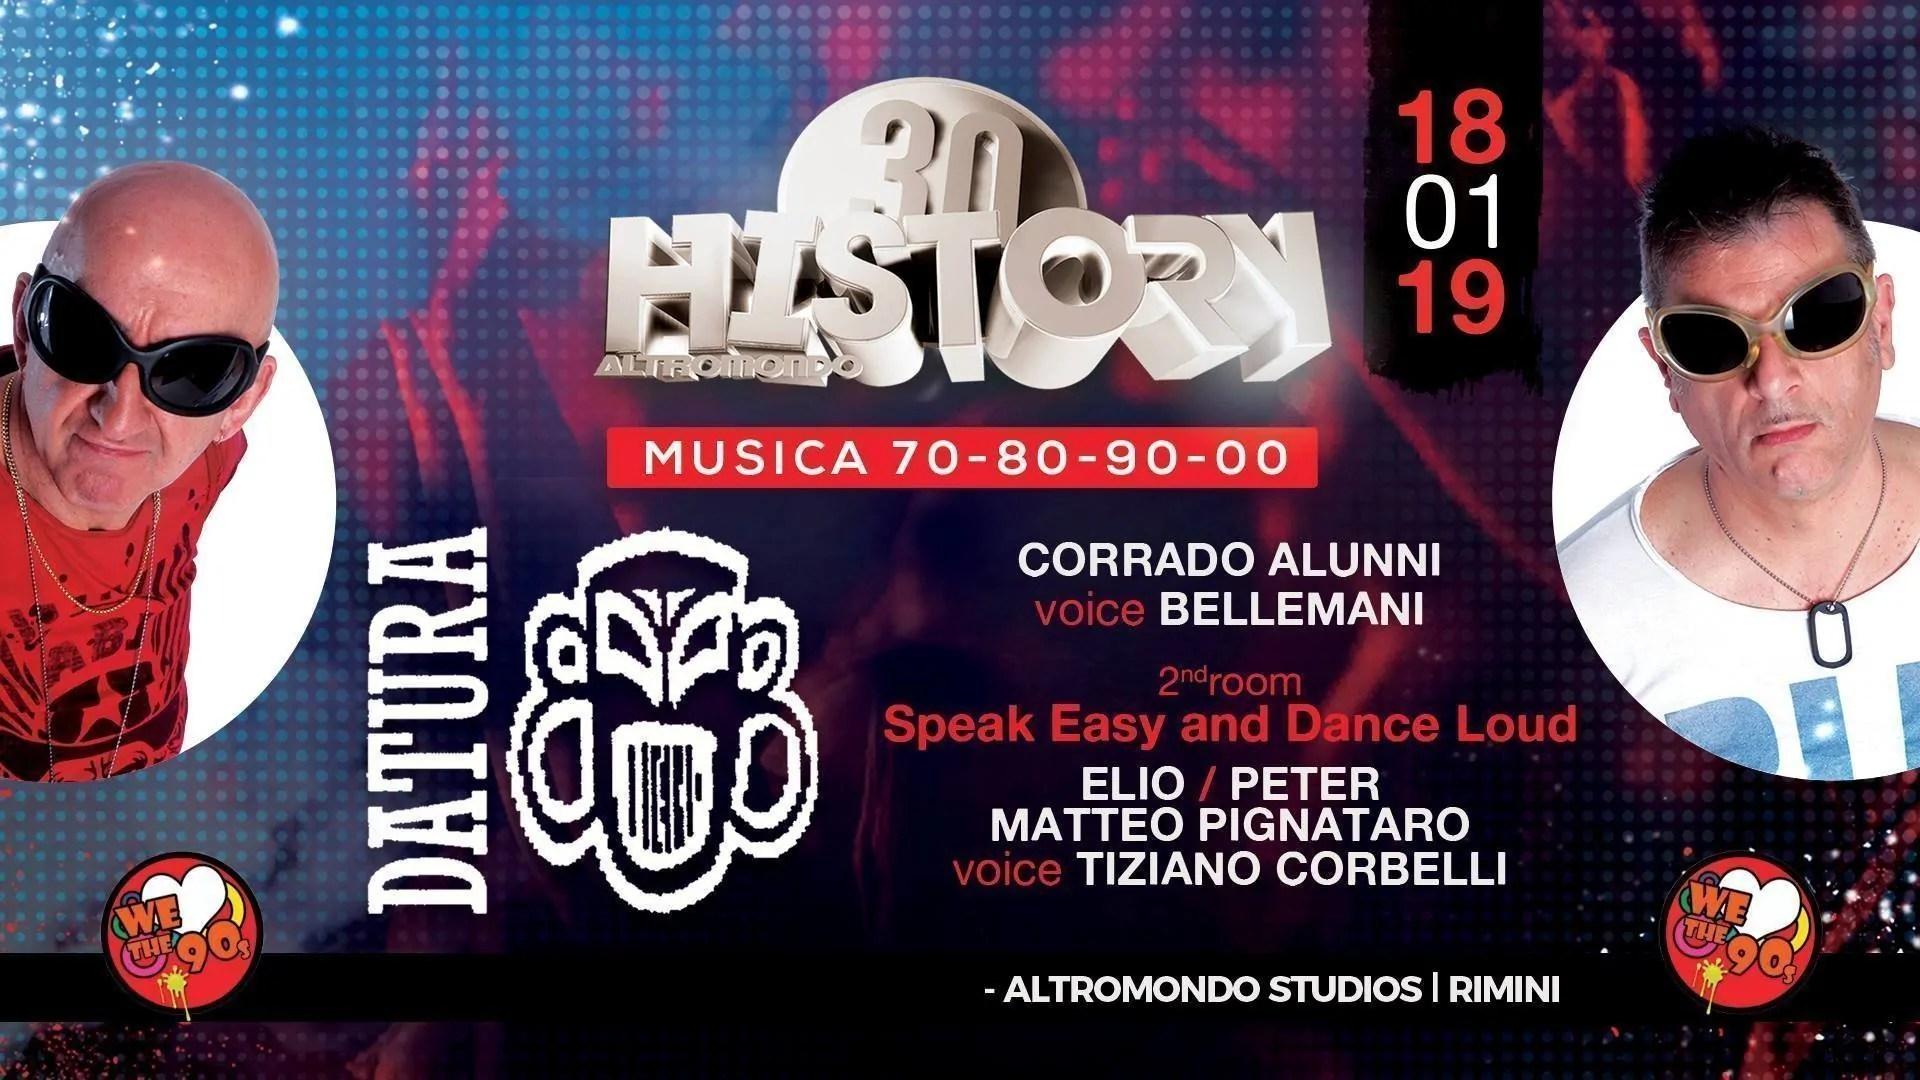 DATURA All' Altromondo Studios Rimini History – Venerdì 18 Gennaio 2018 | Ticket Tavoli Pacchetti Hotel Prevendite